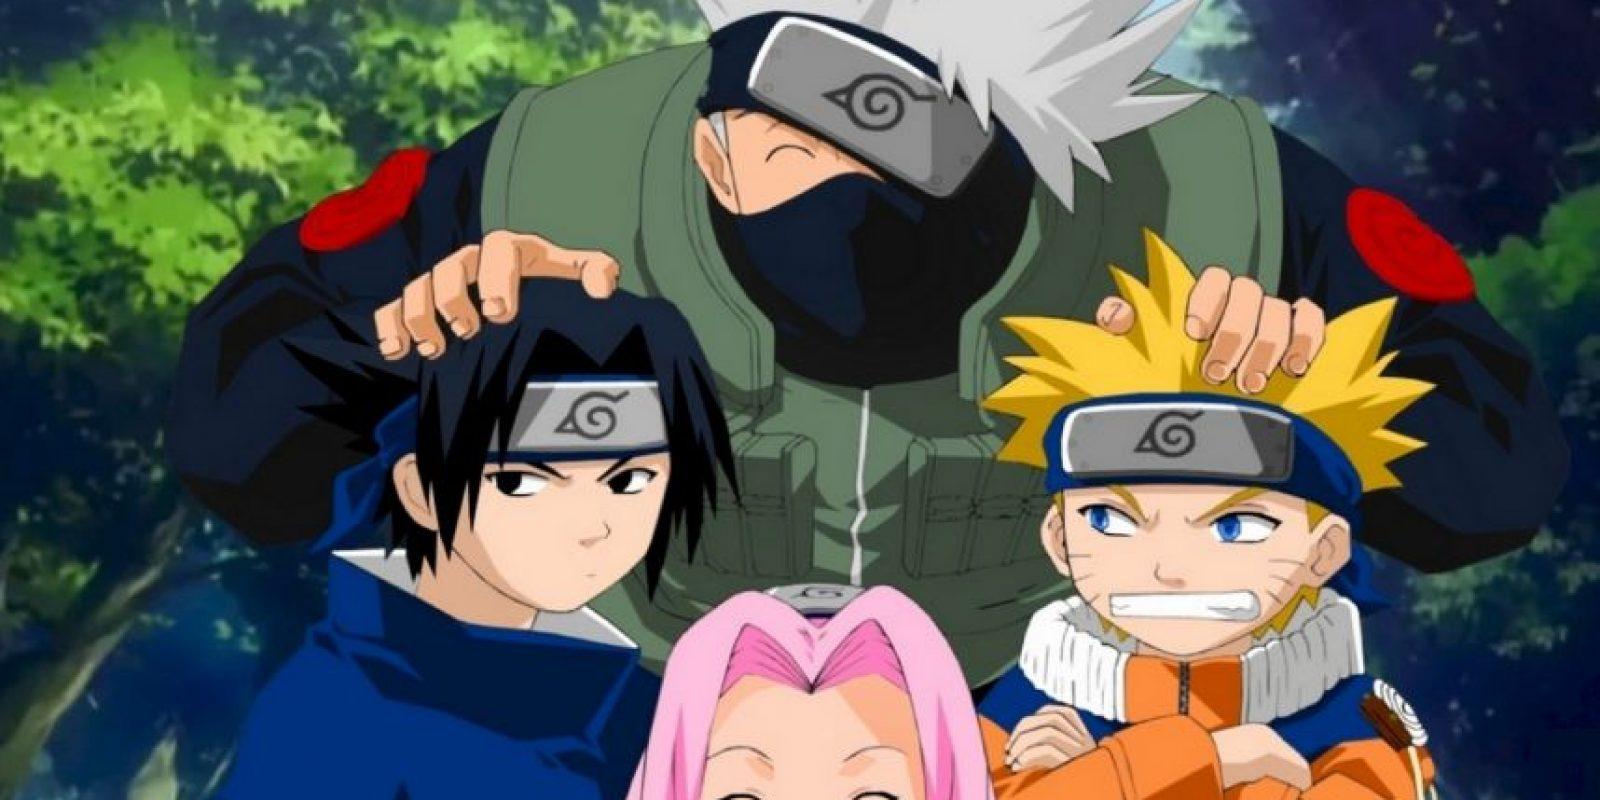 Naruto cuenta con varias películas, novelas gráficas, artbooks y guías. También con su propia banda sonora. Pese a la diversidad de productos y a la excelente recepción que ha tenido los últimos años a nivel mundial, los críticos de medios especializados como Anime Network y Neo. Al comienzo de la serie se criticó a los personajes por su simpleza. Luego se criticó la traducción de algunas palabras del japonés a otros idiomas, principalmente el inglés. También se criticó la censura por parte de la compañía estadounidense que dobló la serie. Foto:Tv Tokyo